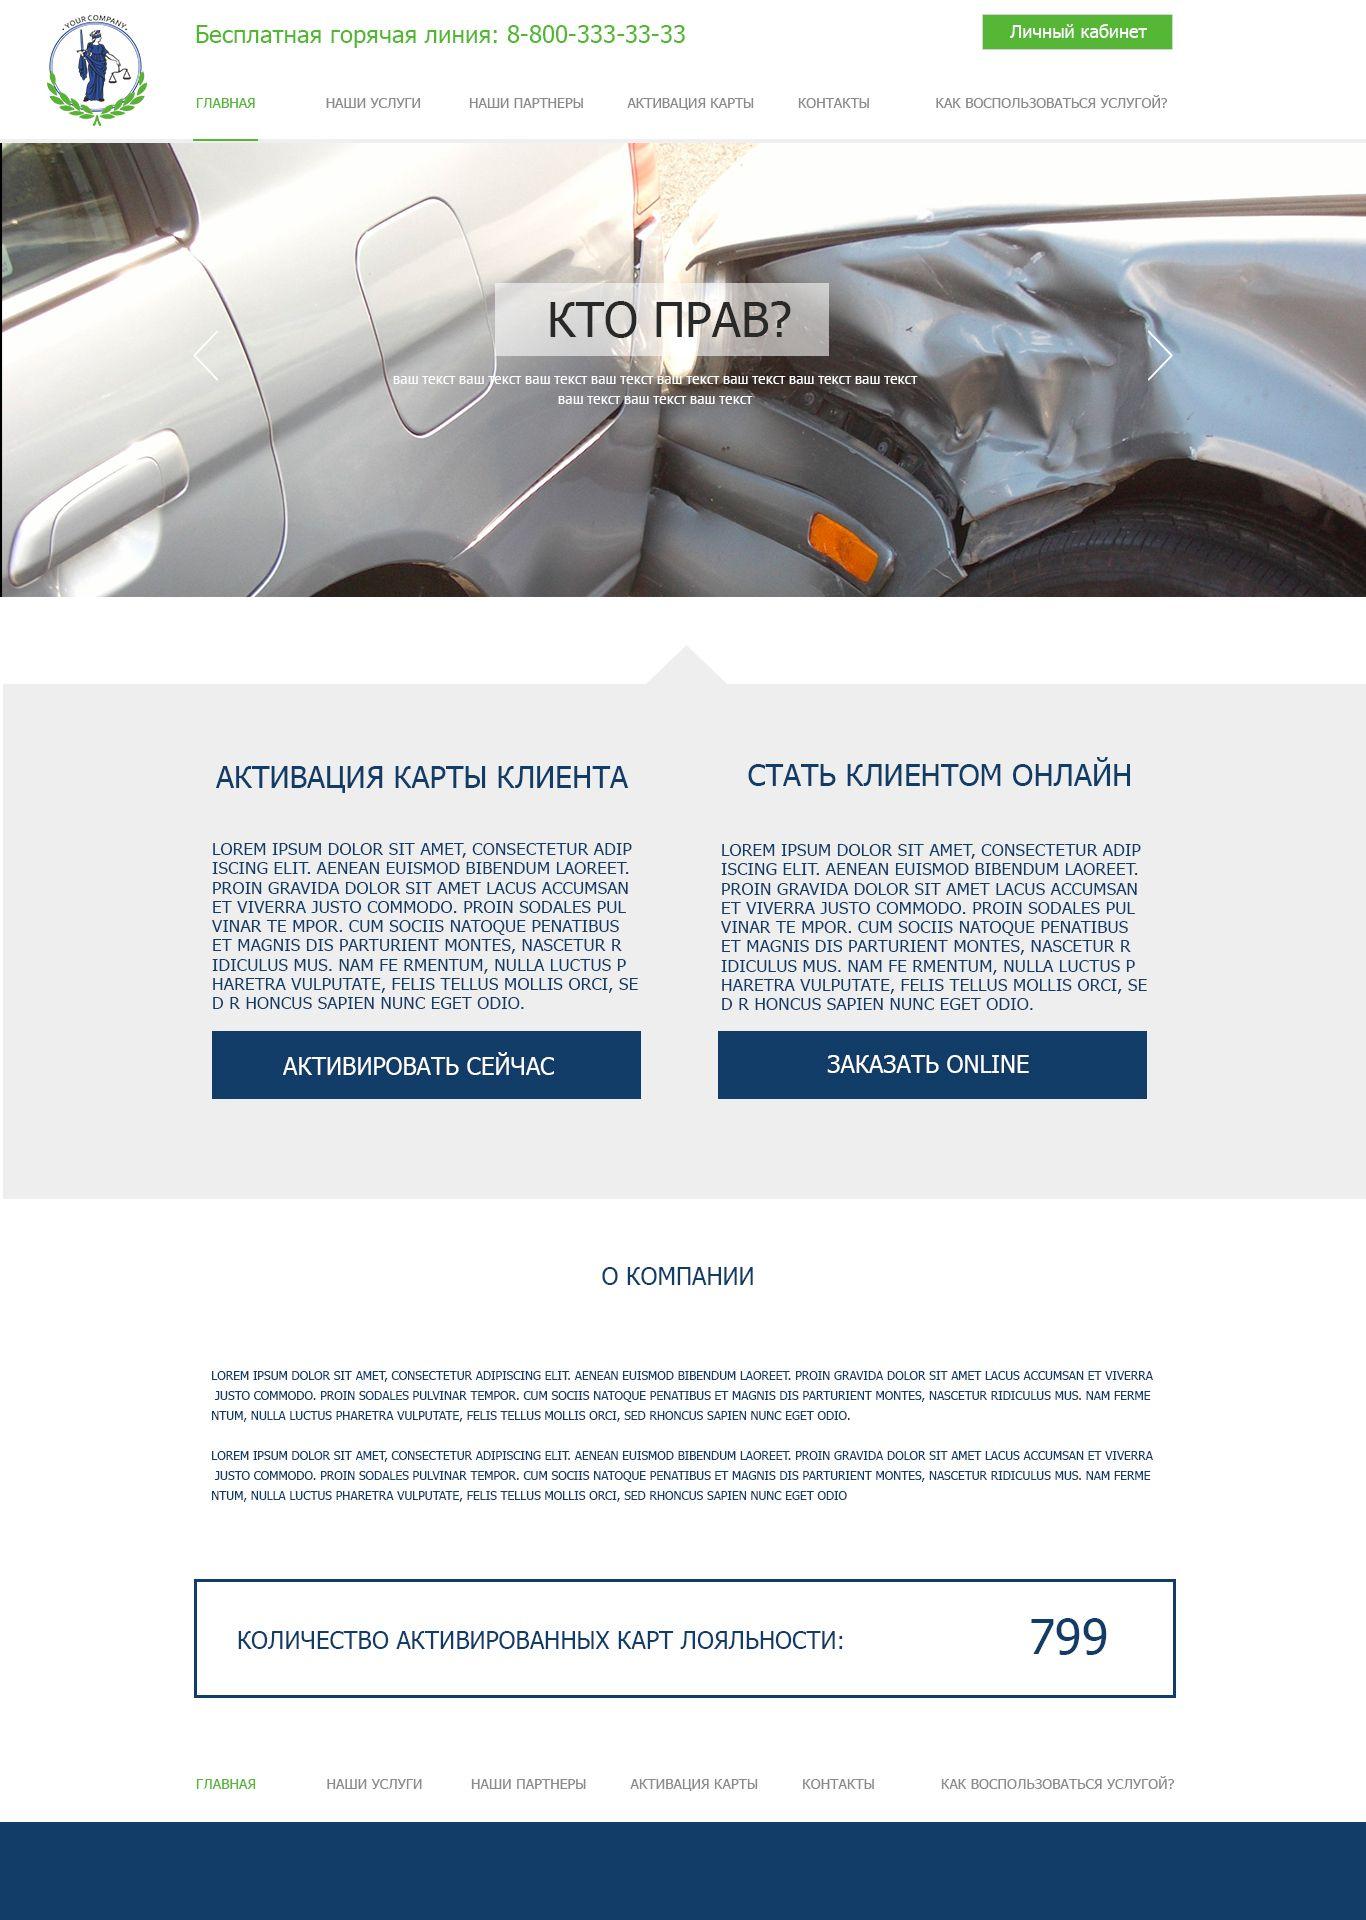 Дизайн сайта - дизайнер liklik